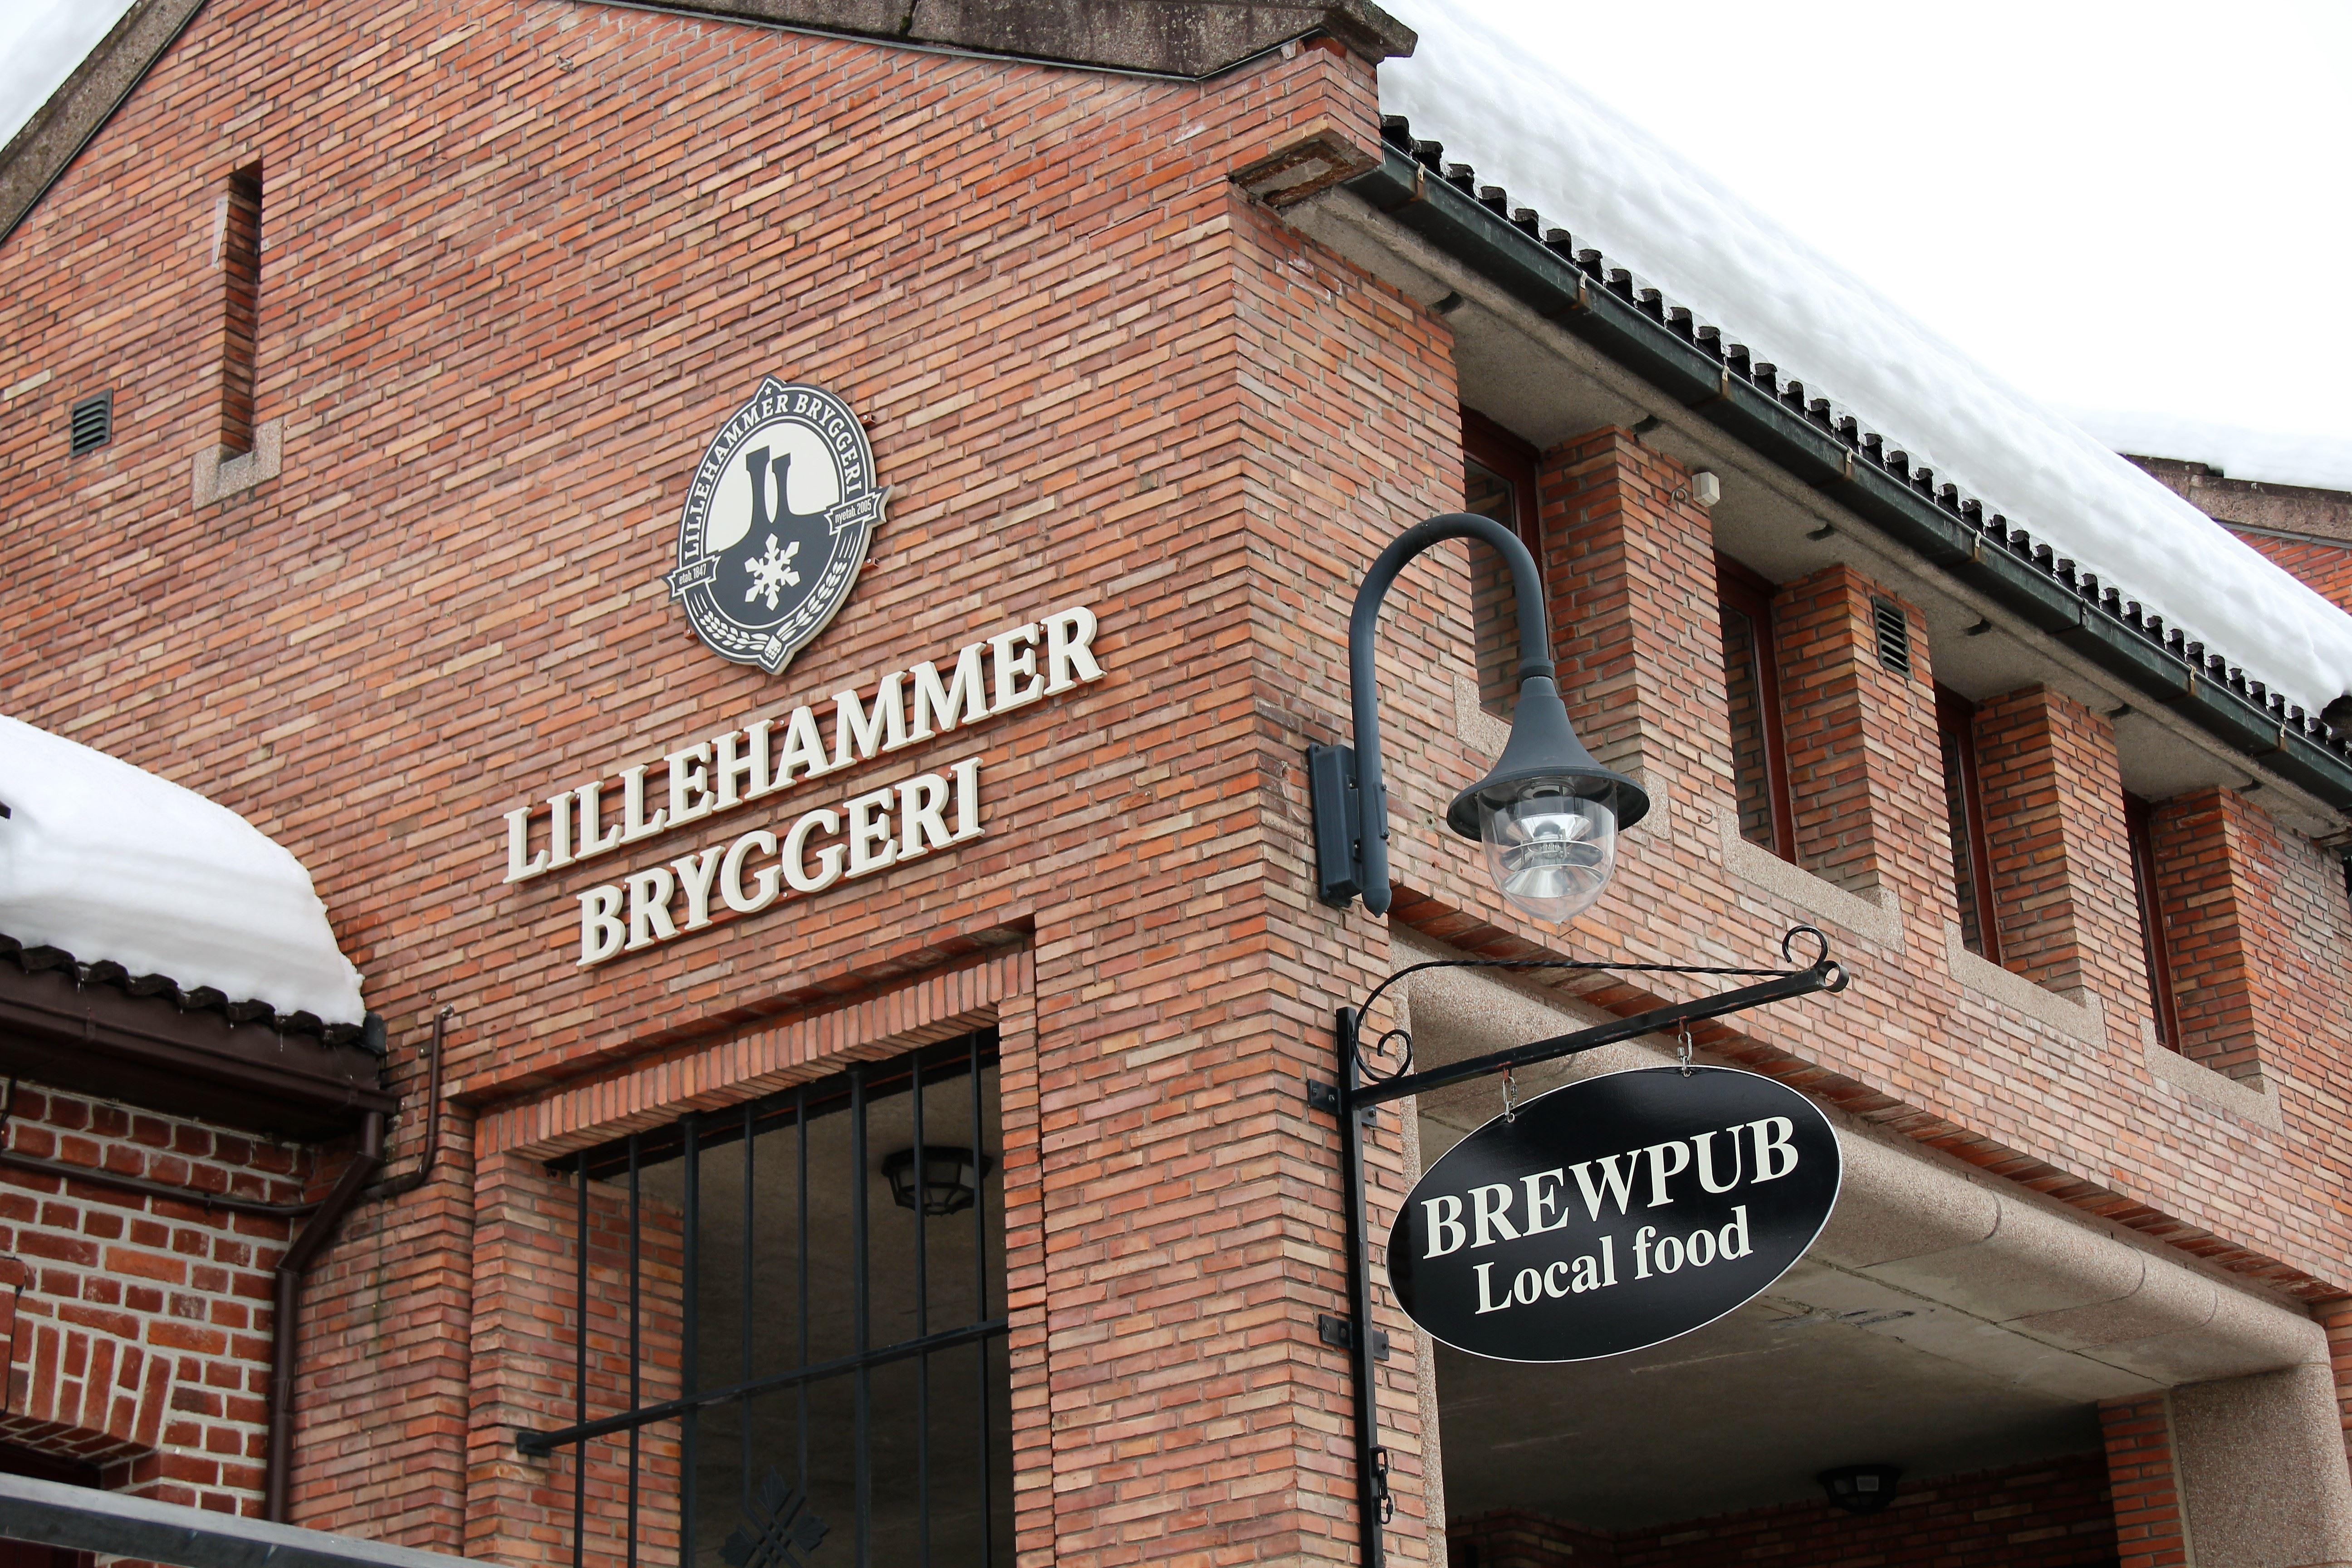 Lillehammer bryggeri